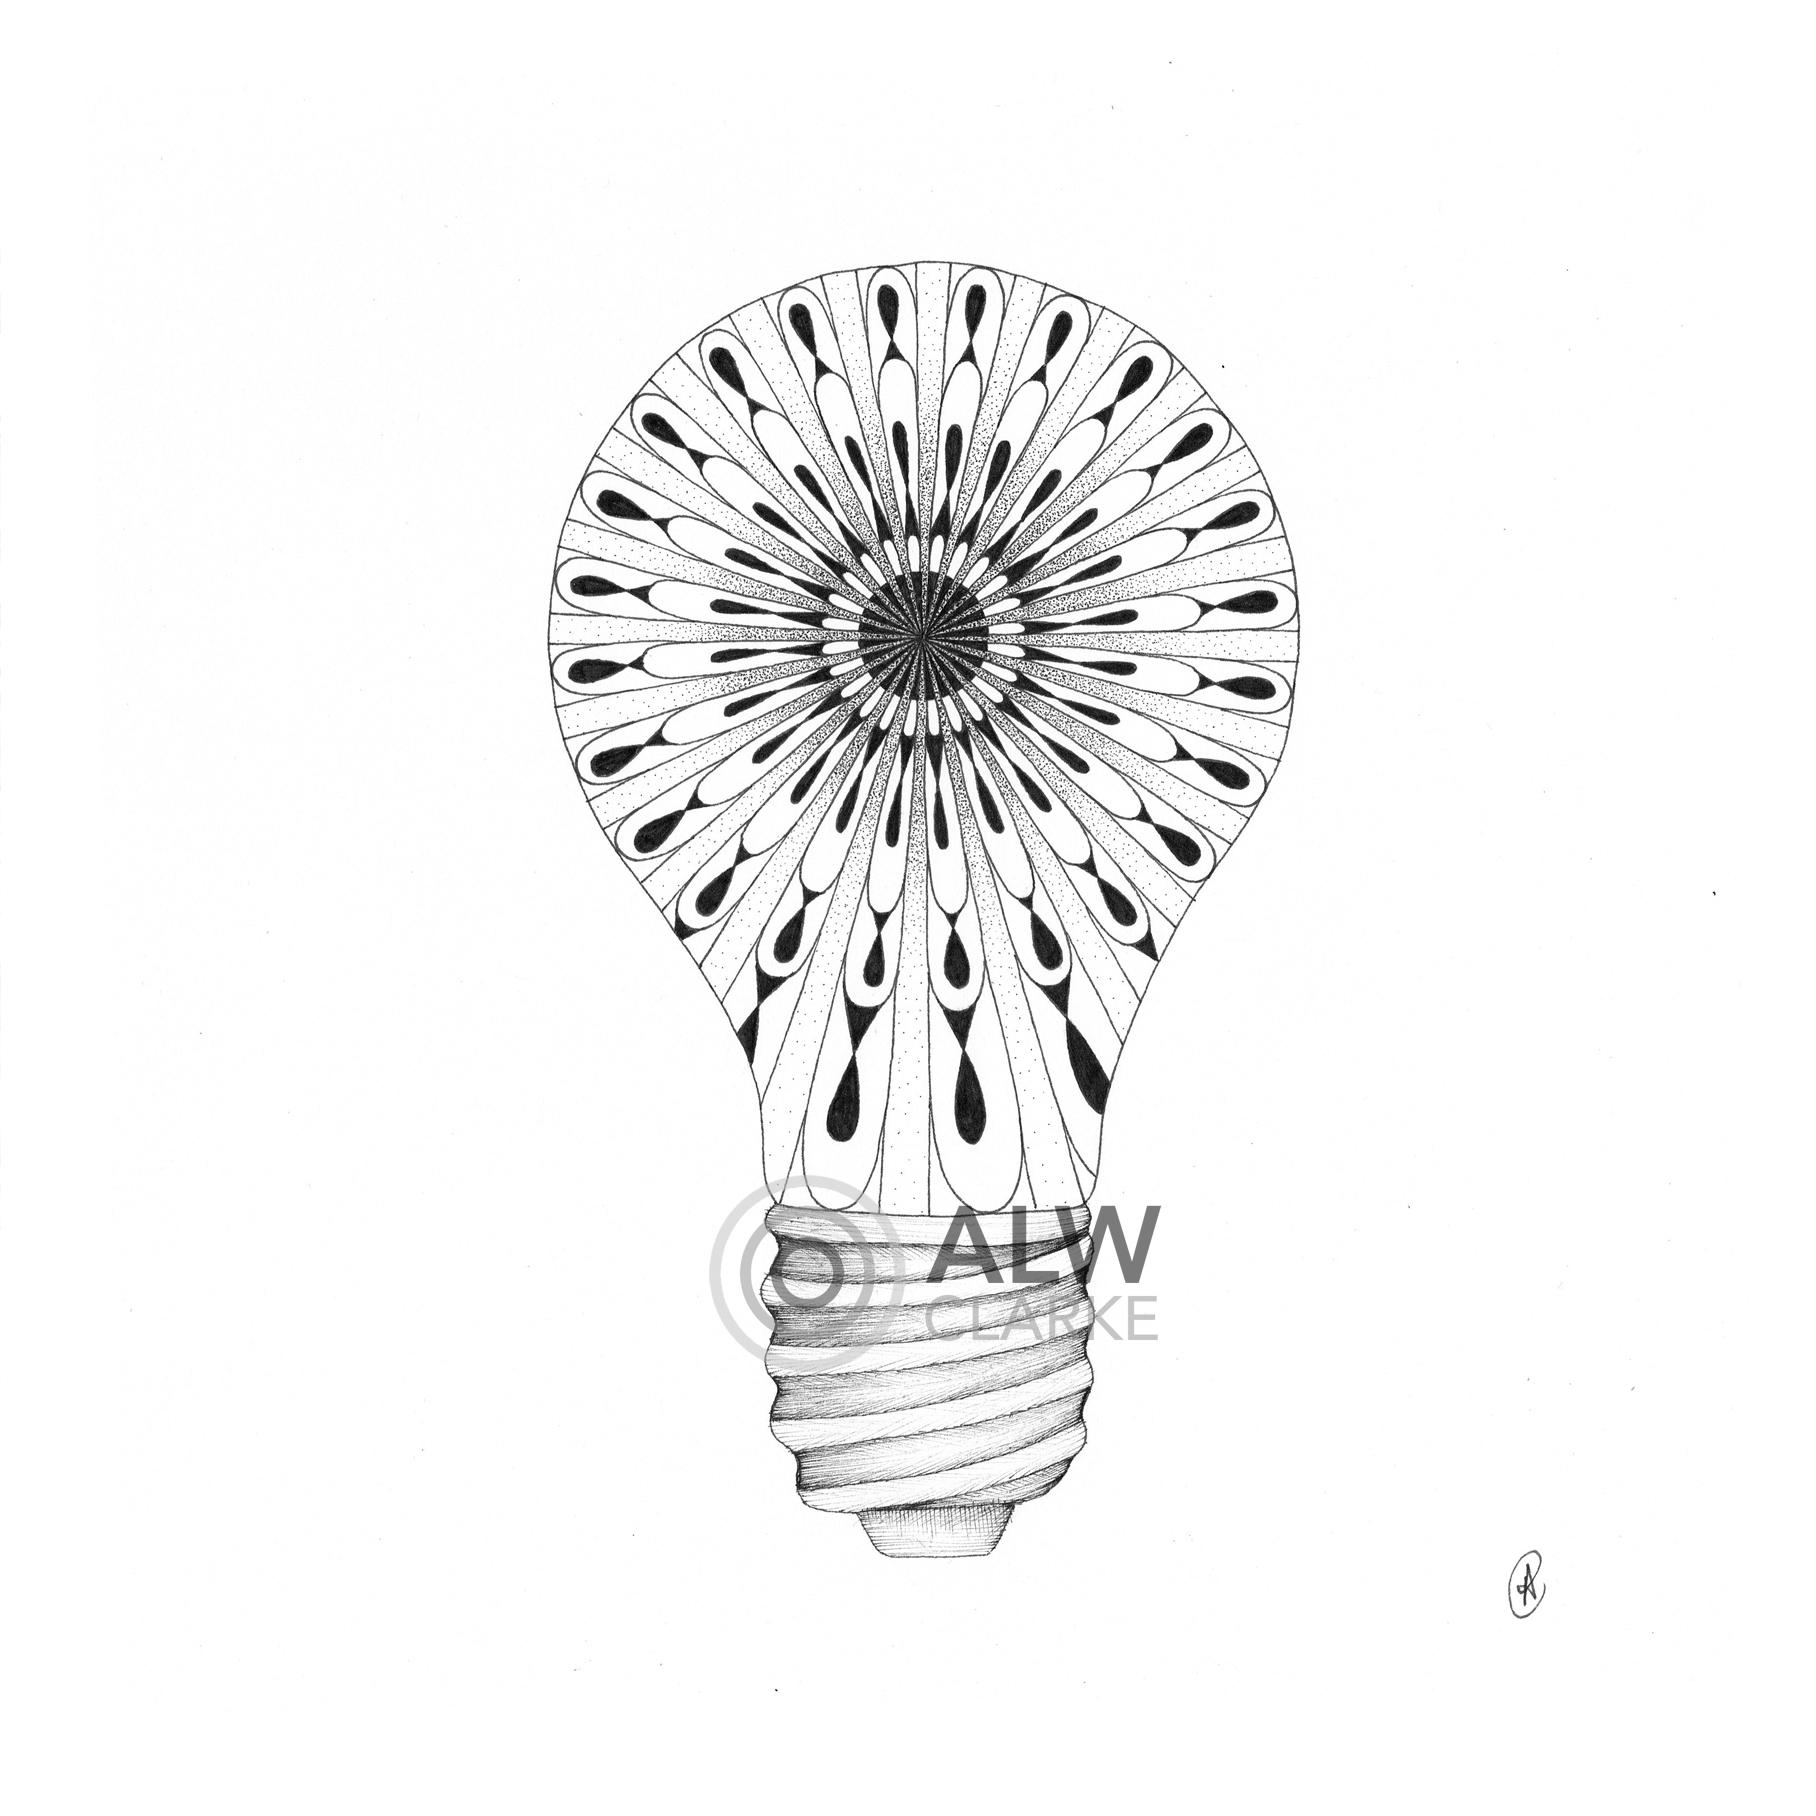 ALW-Clarke-Light-Open-Mind-Artwork.jpg